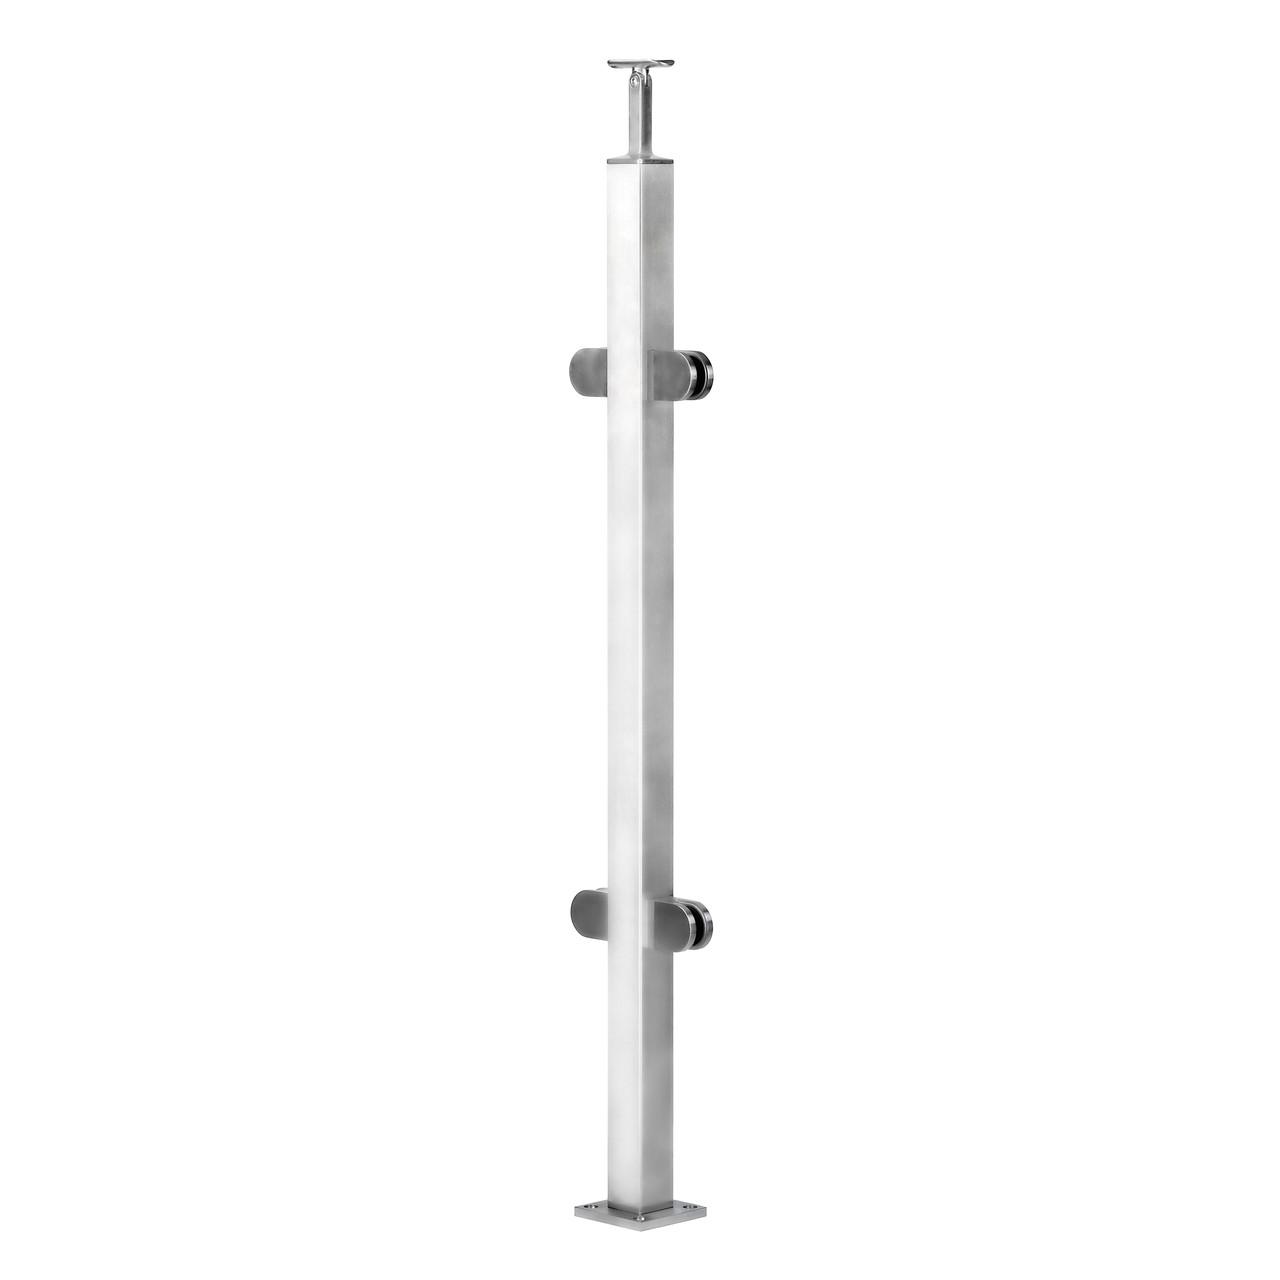 ODF-19-06-01-H950 Средняя стойка ограждения под стеклянное наполнение и квадратный поручень